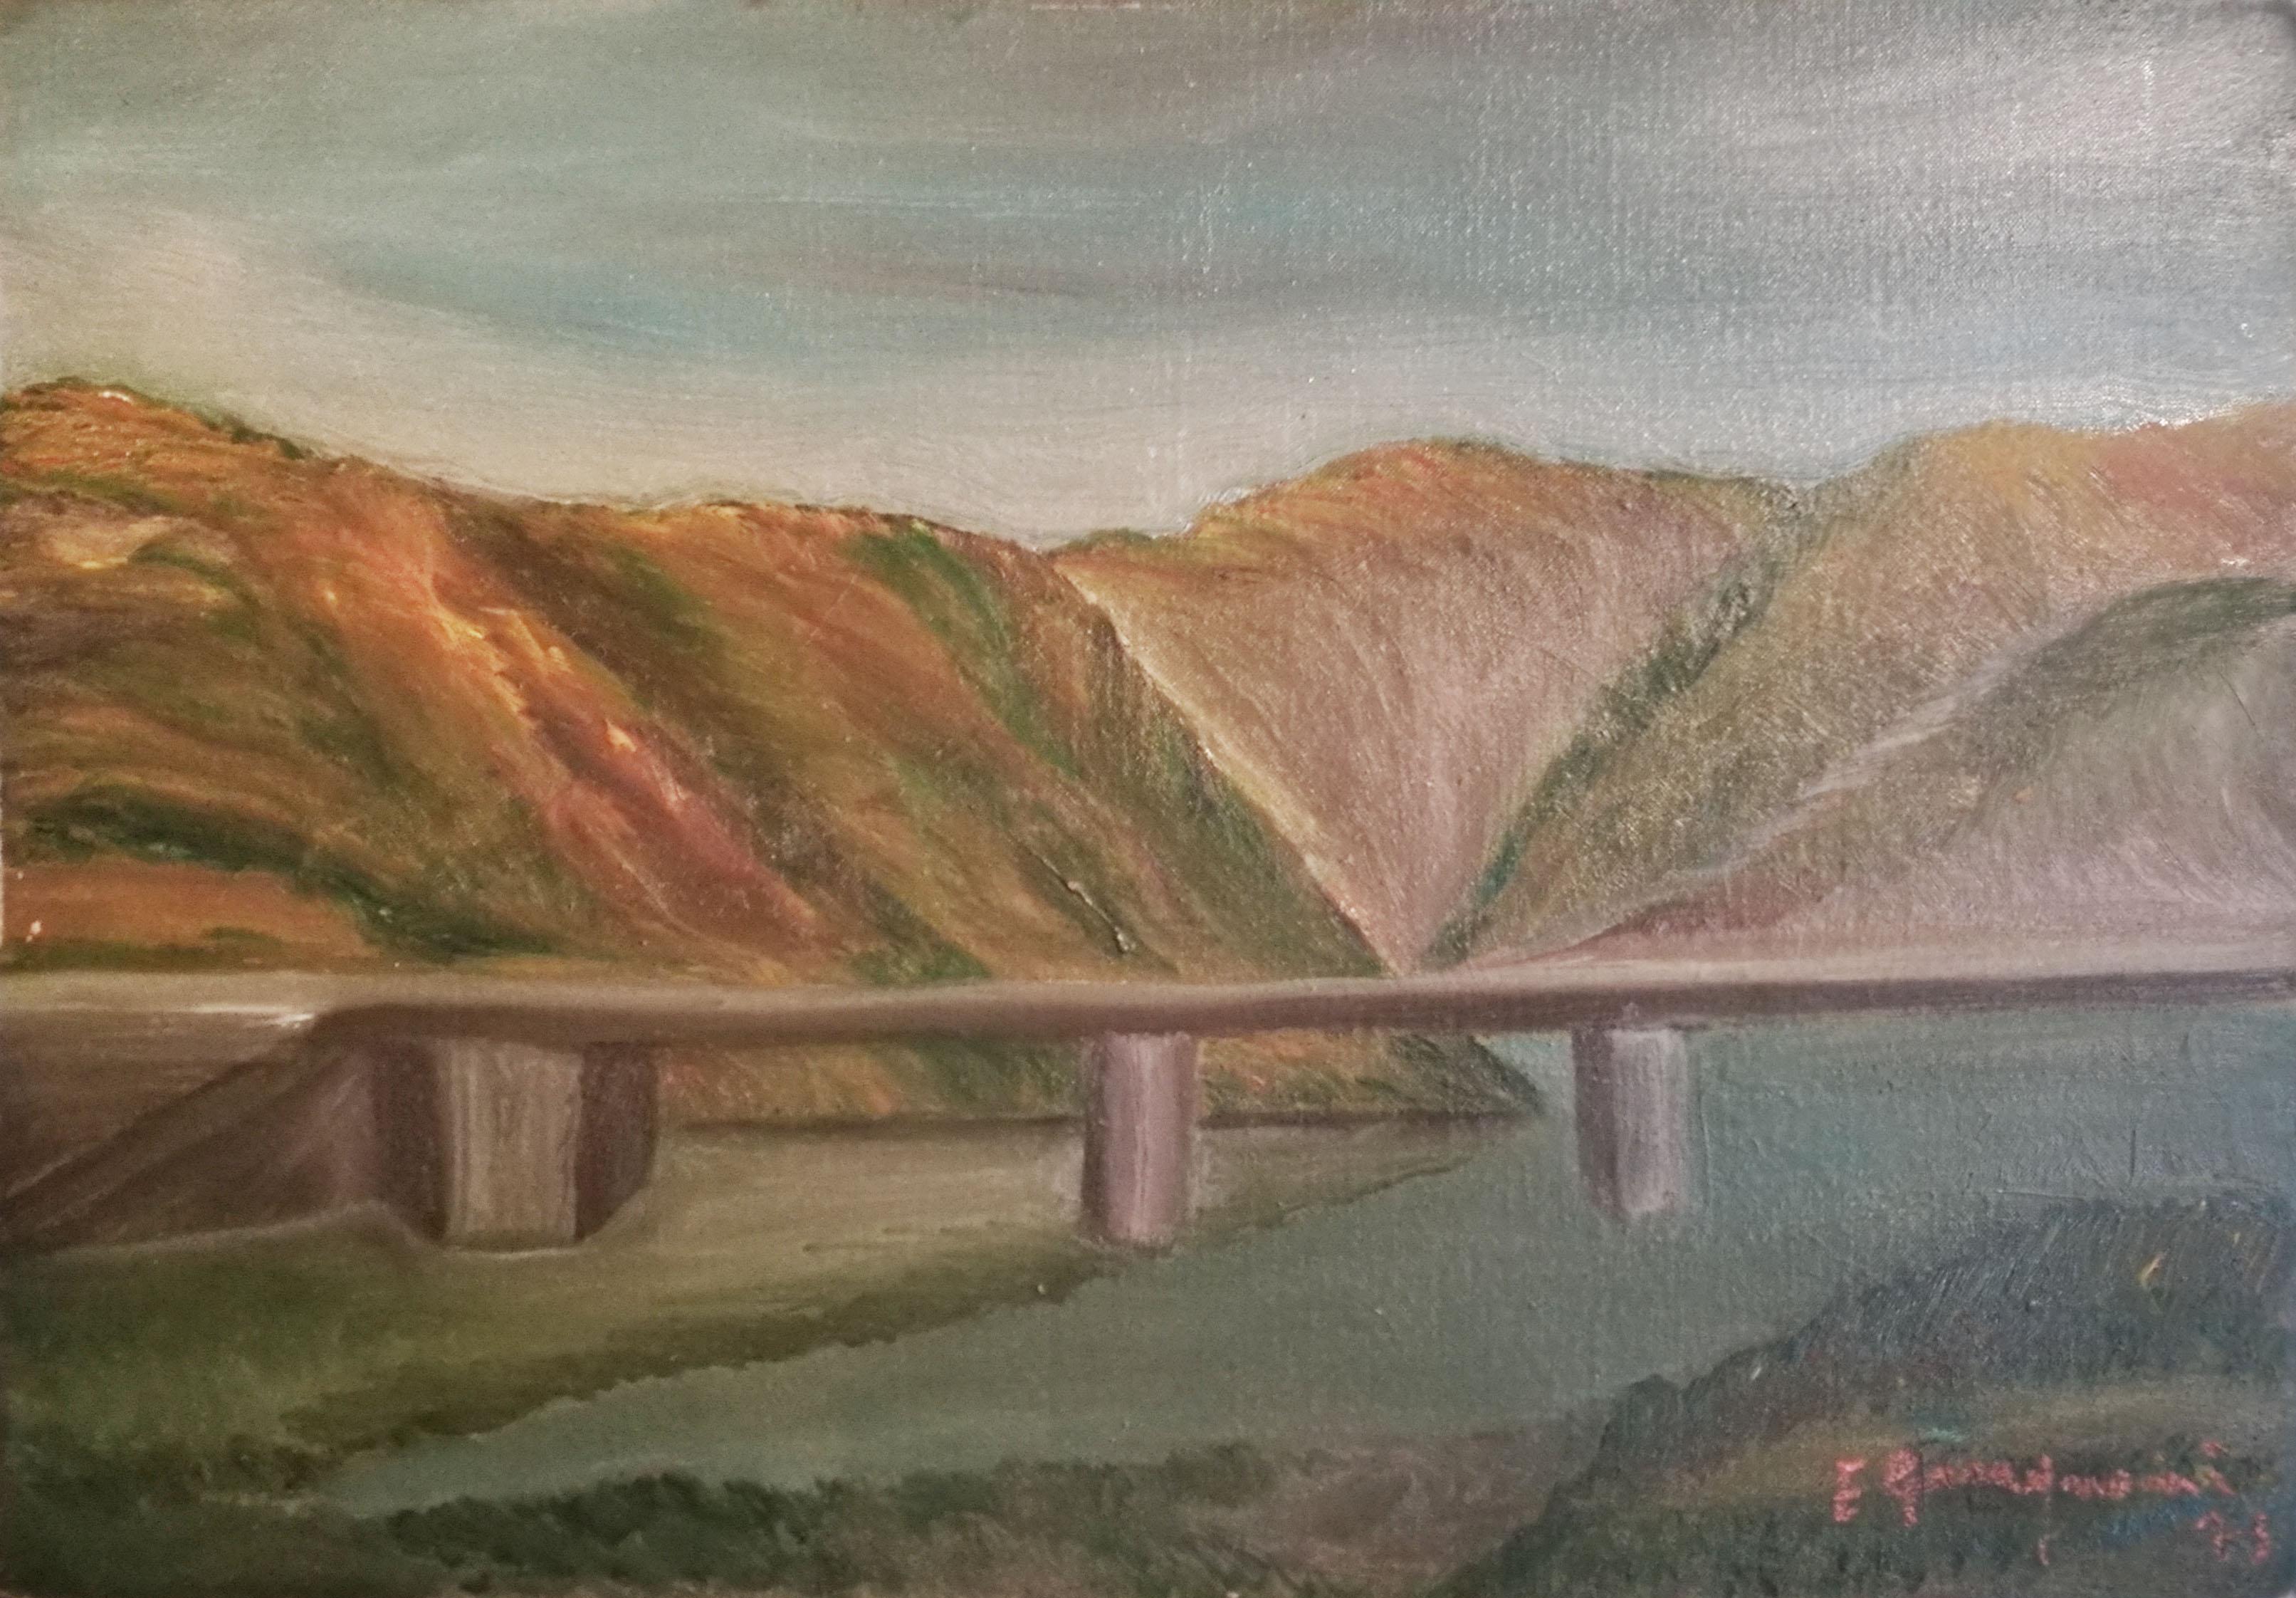 Enea Garagnani – Ponte marano